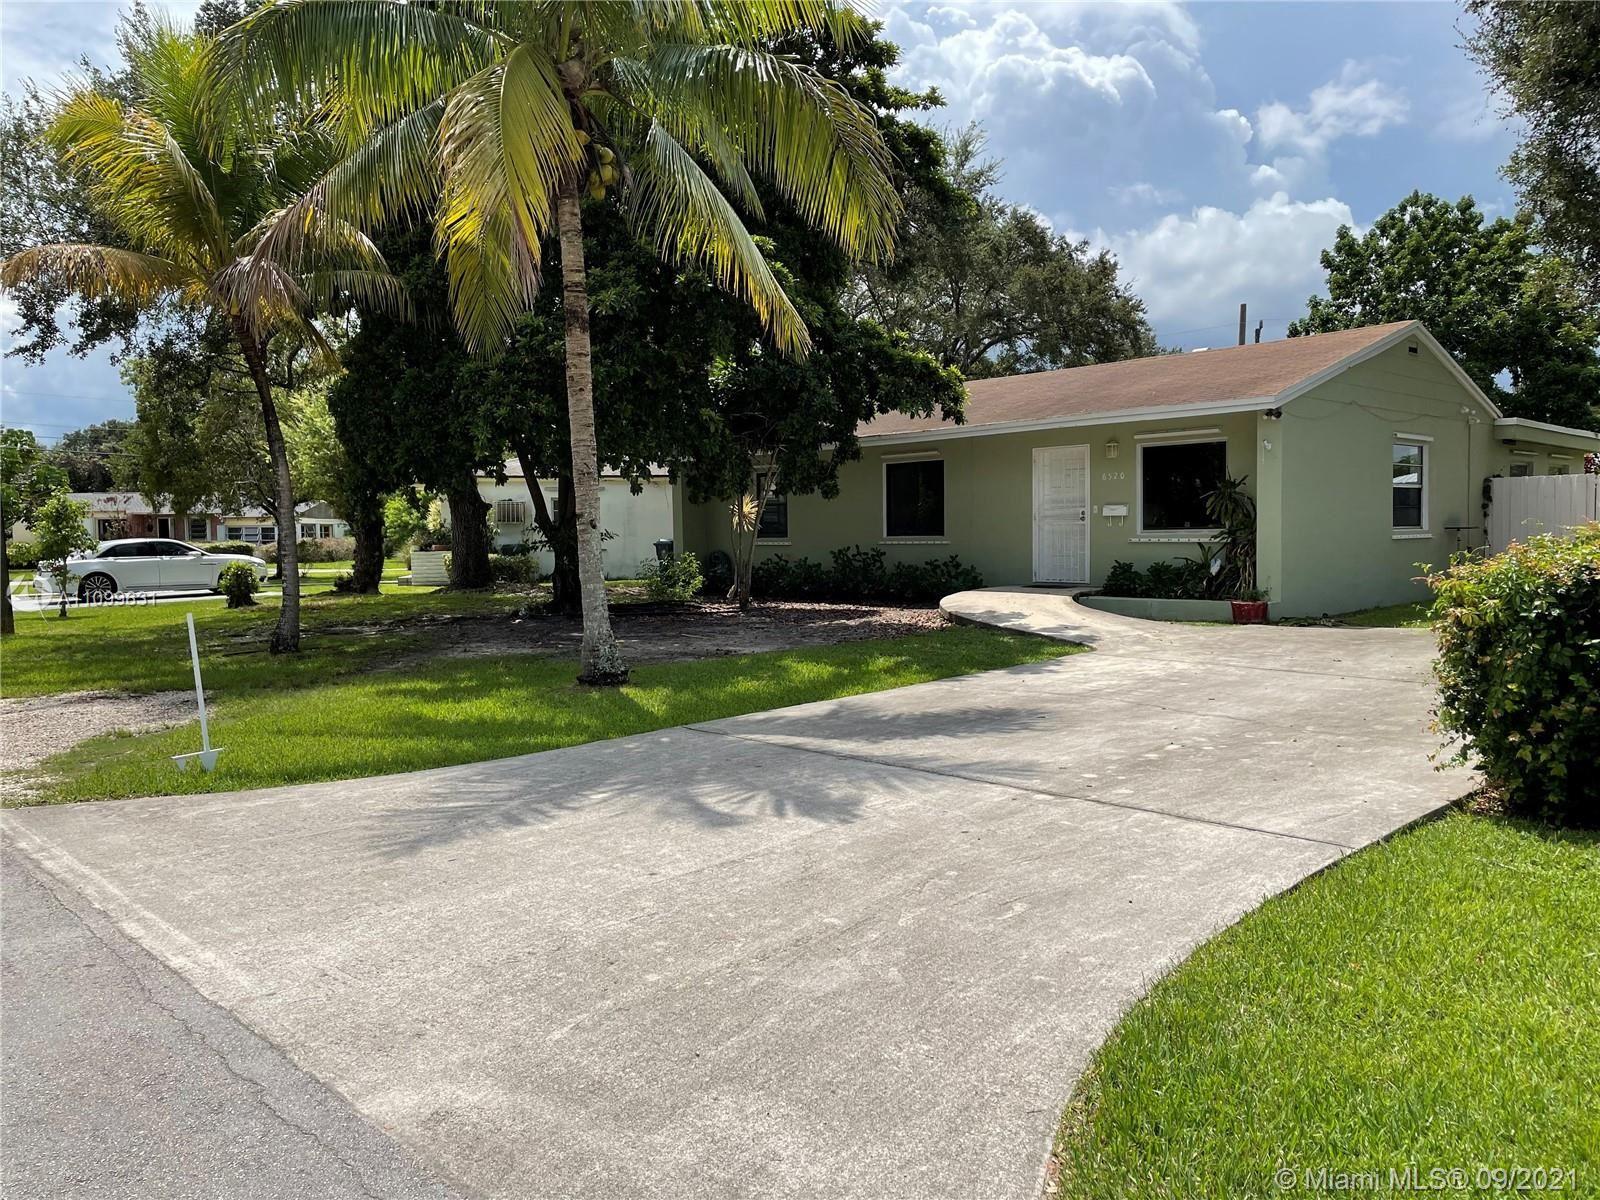 6520 SW 64th Ave, South Miami, FL 33143 - #: A11099631